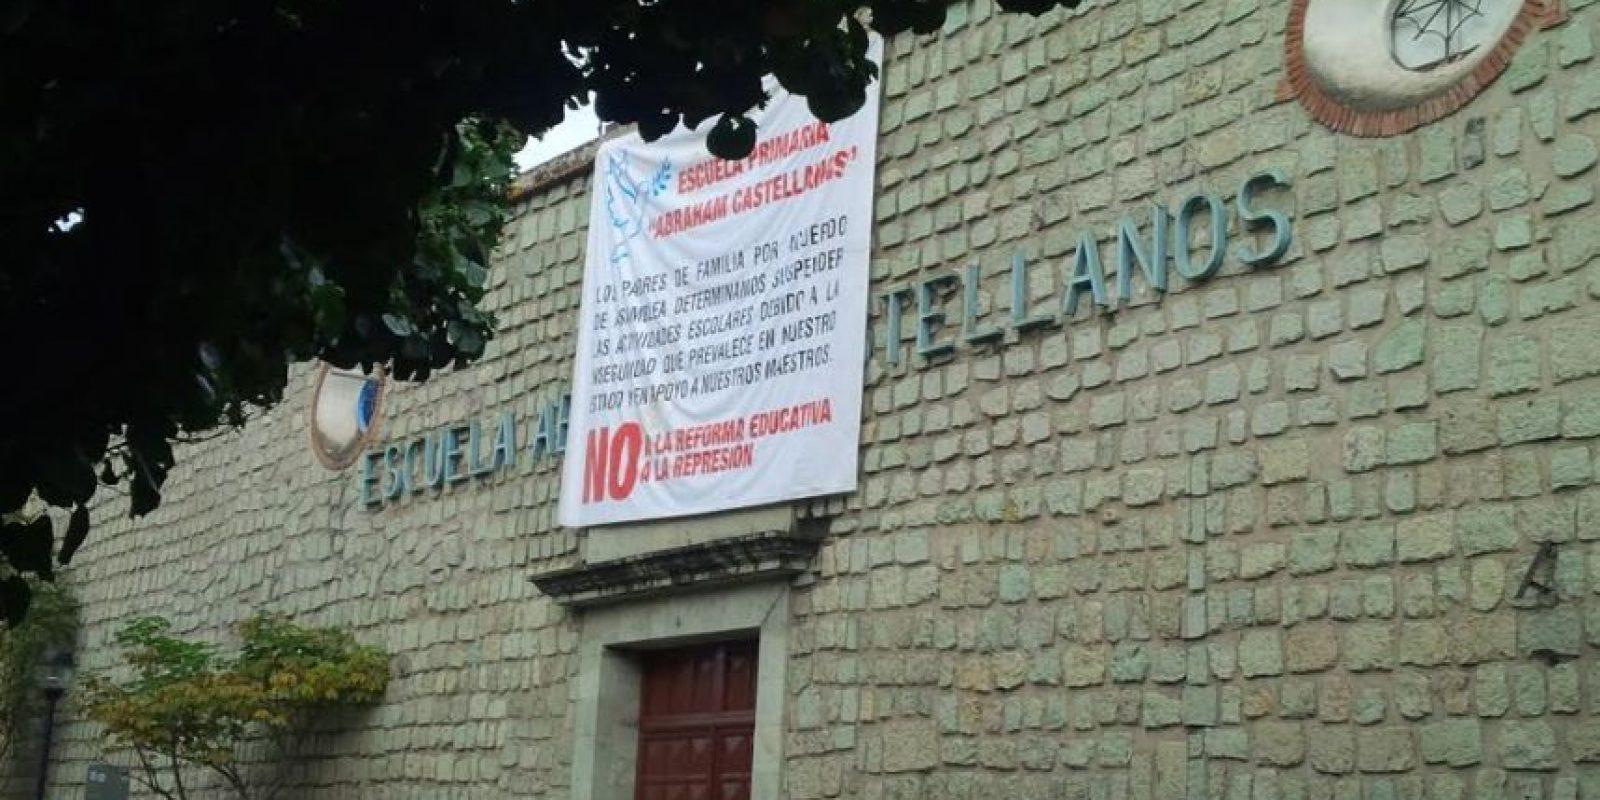 En las escuelas oaxaqueñas se leían letreros acerca de que no iniciarían clases Foto:ADNSureste